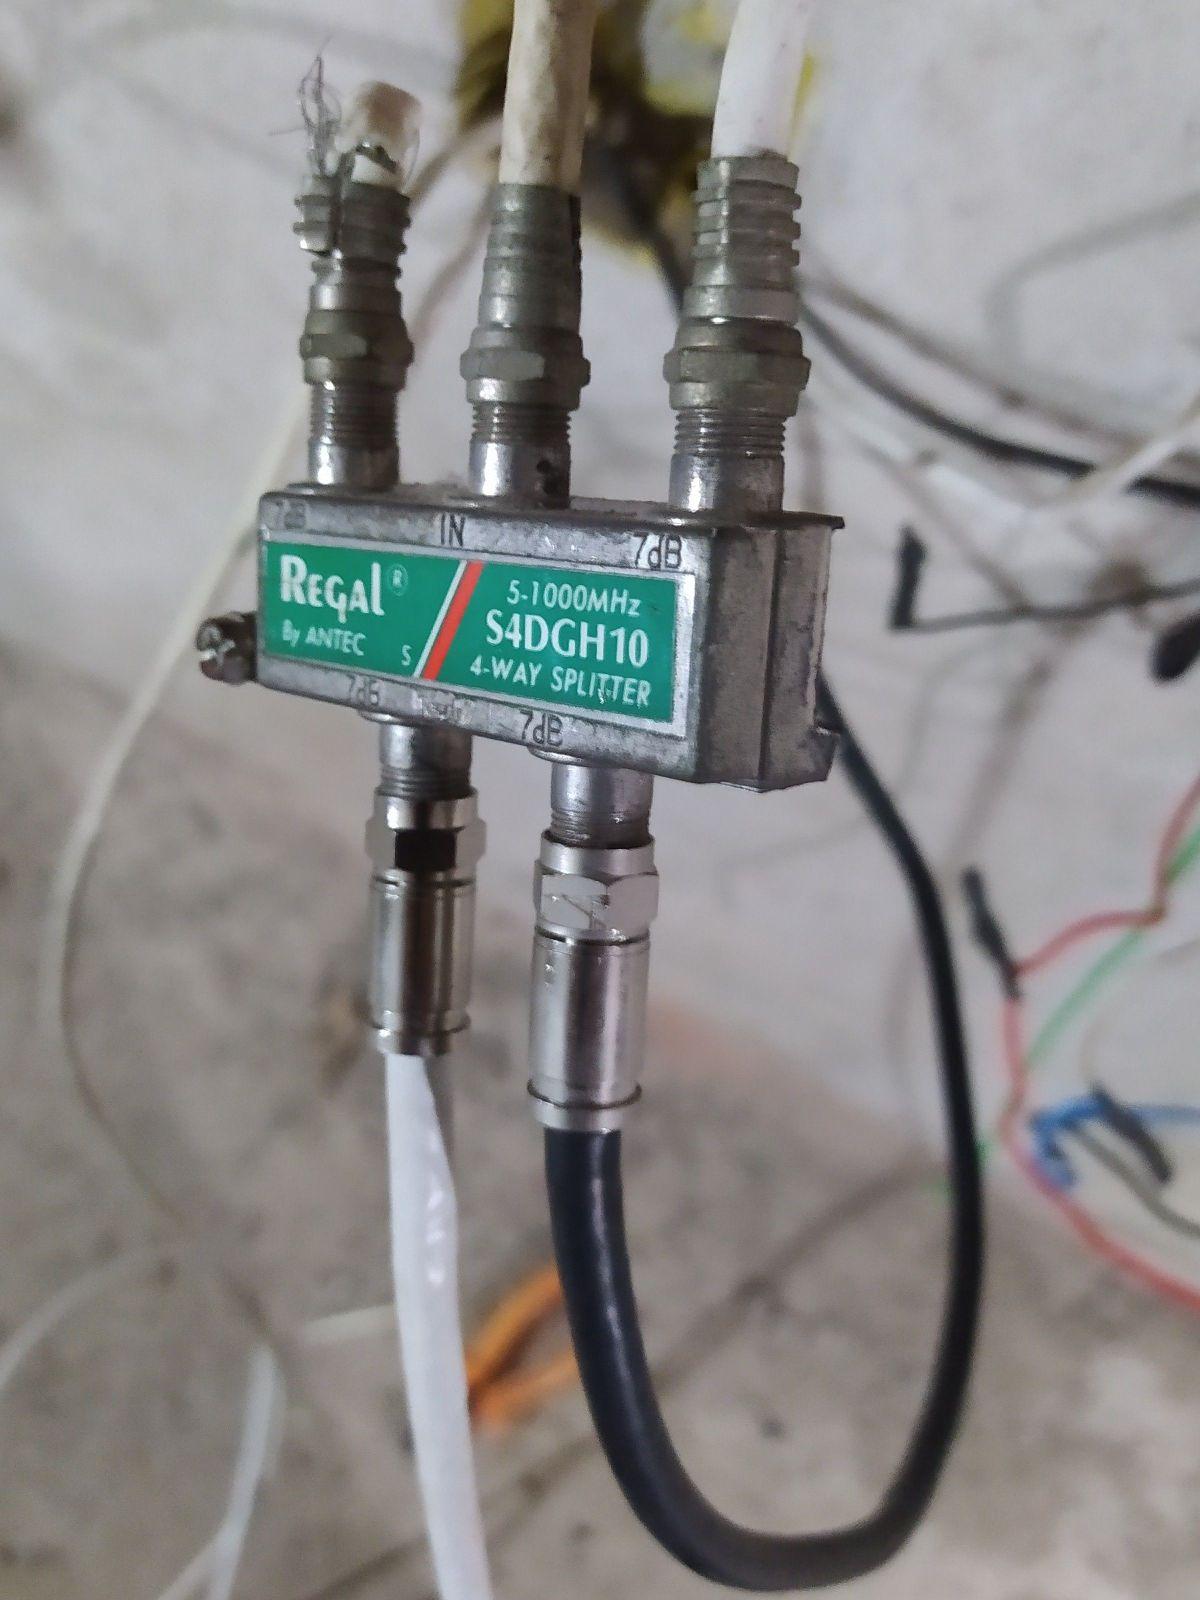 manutenção predial e residêncial antena coletiva